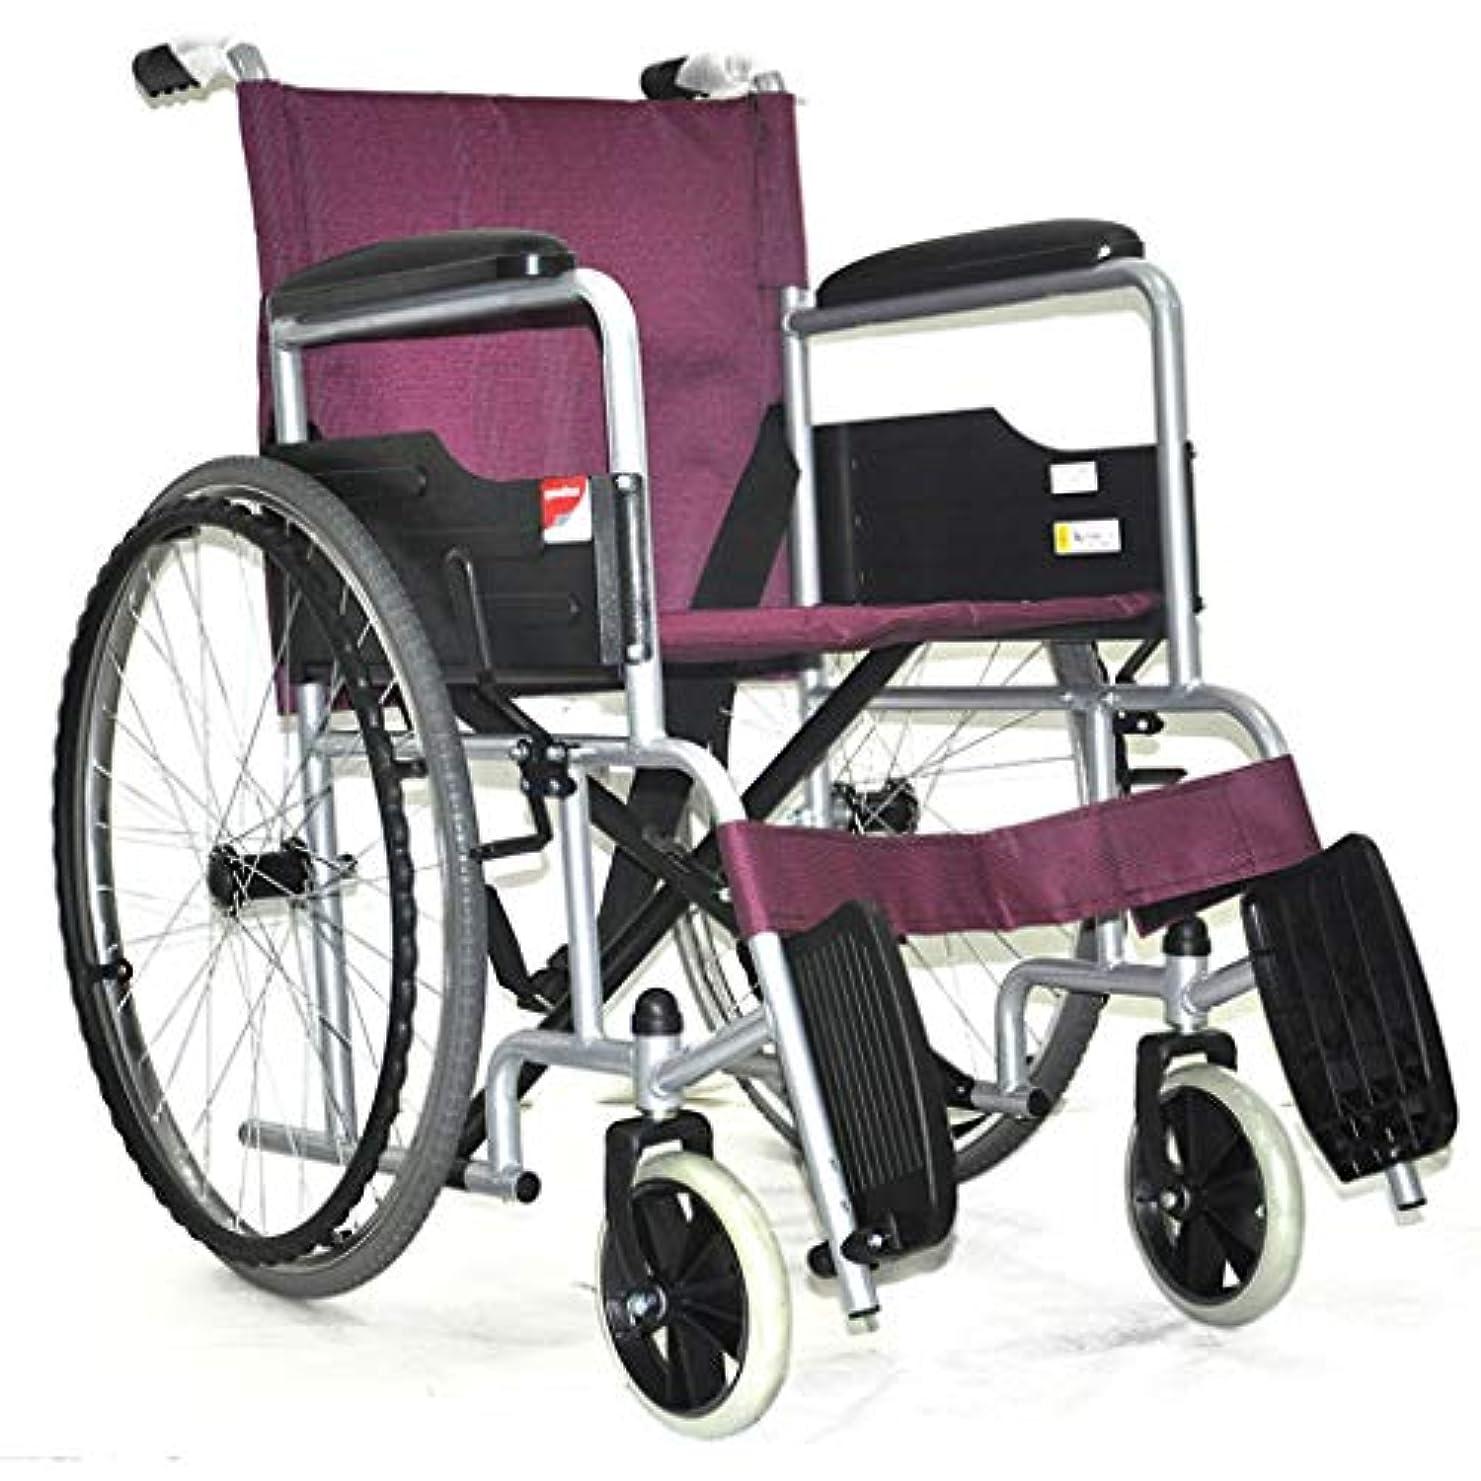 誇りインストラクター嫌な車椅子トロリー折りたたみライトポータブル、高齢者障害者屋外旅行車椅子